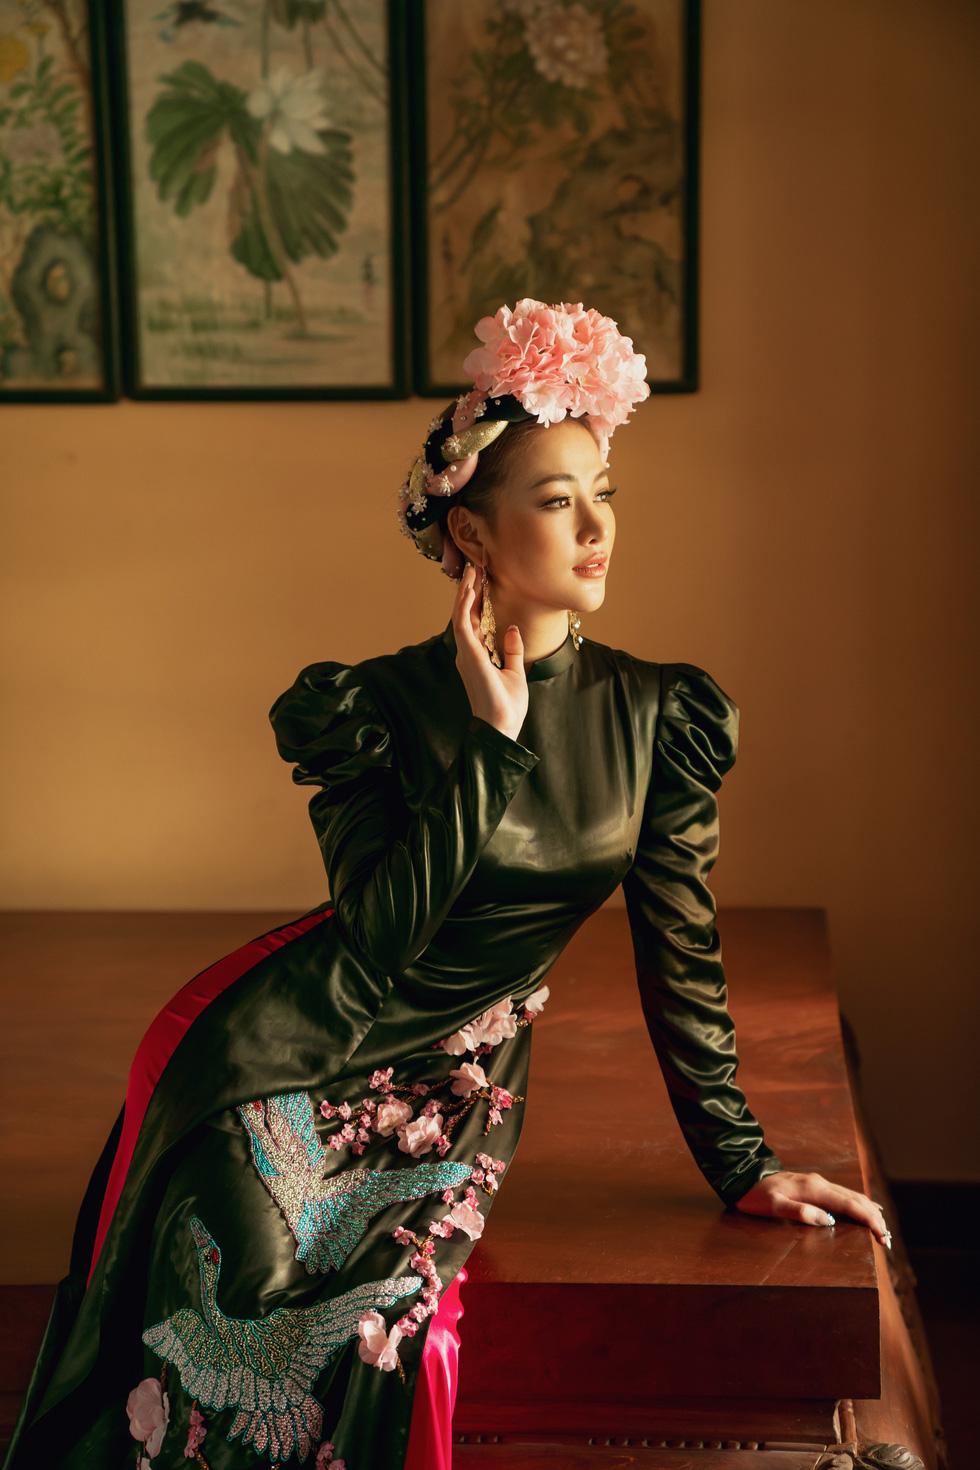 Hoa hậu Phương Khánh, Minh Tú khoe sắc trong bộ sưu tập áo dài Bay lả bay la - Ảnh 12.